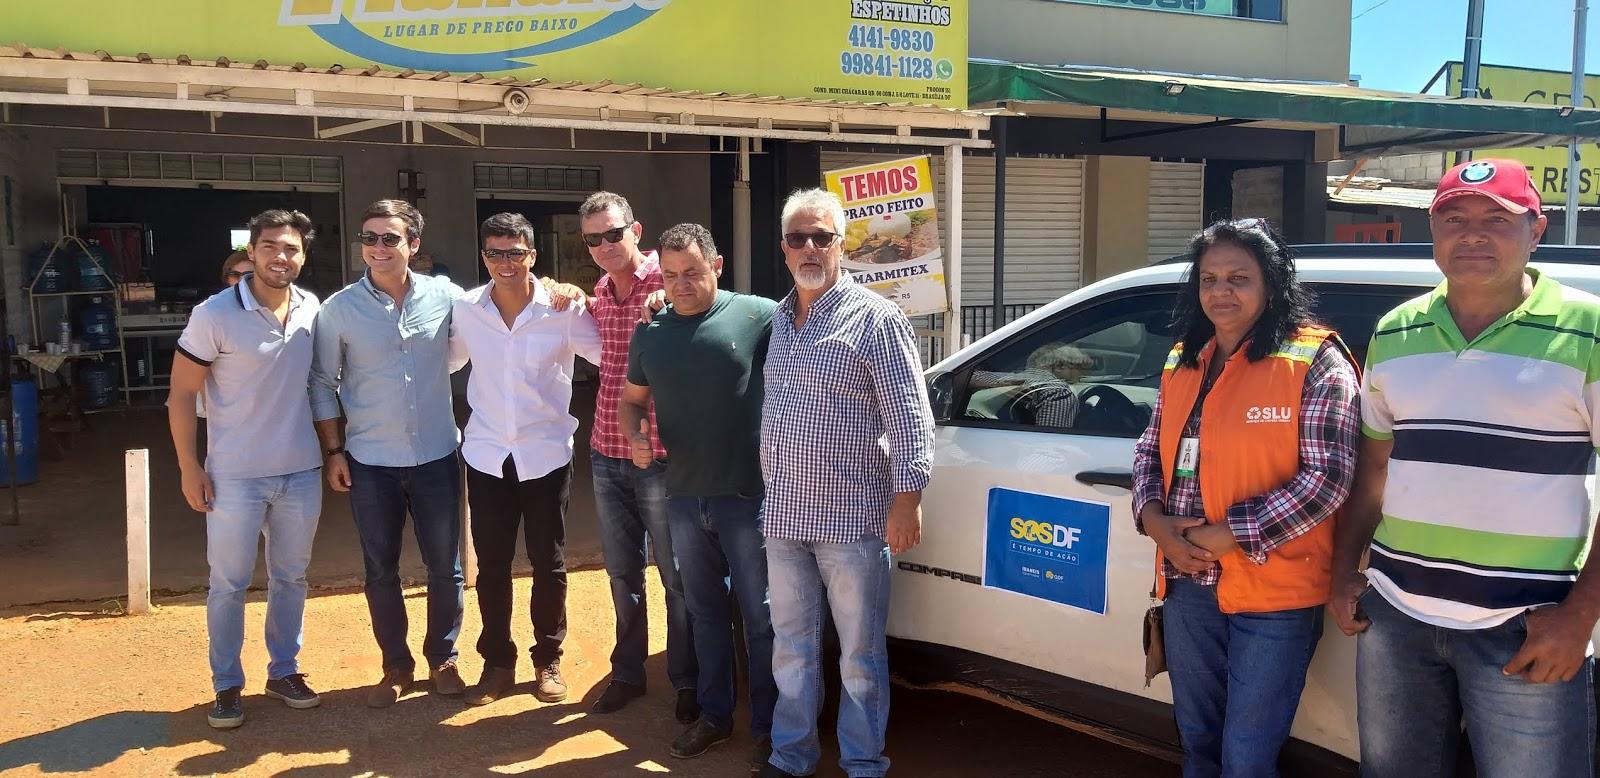 20190114 110745 - O administrador regional do Jardim Botânico, João Carlos Lóssio lançou, nesta segunda feira, ações de limpeza nas ruas que acontecerão de 14 a 16 de janeiro de 2019. SOS DF